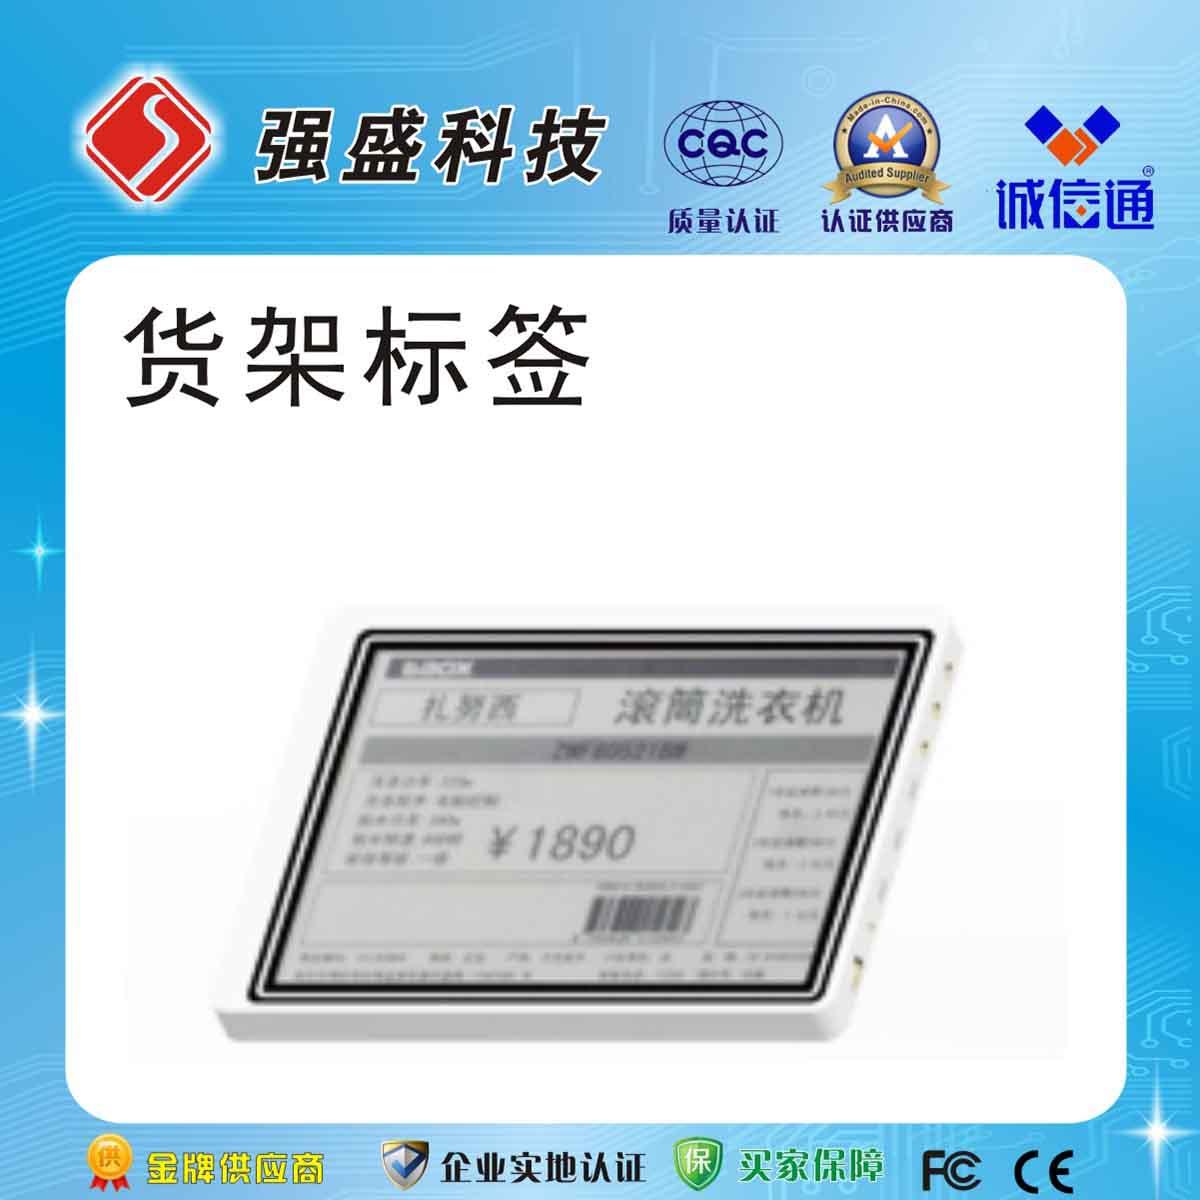 供应广州卖场商品货架ESL标签医院病床标识标签